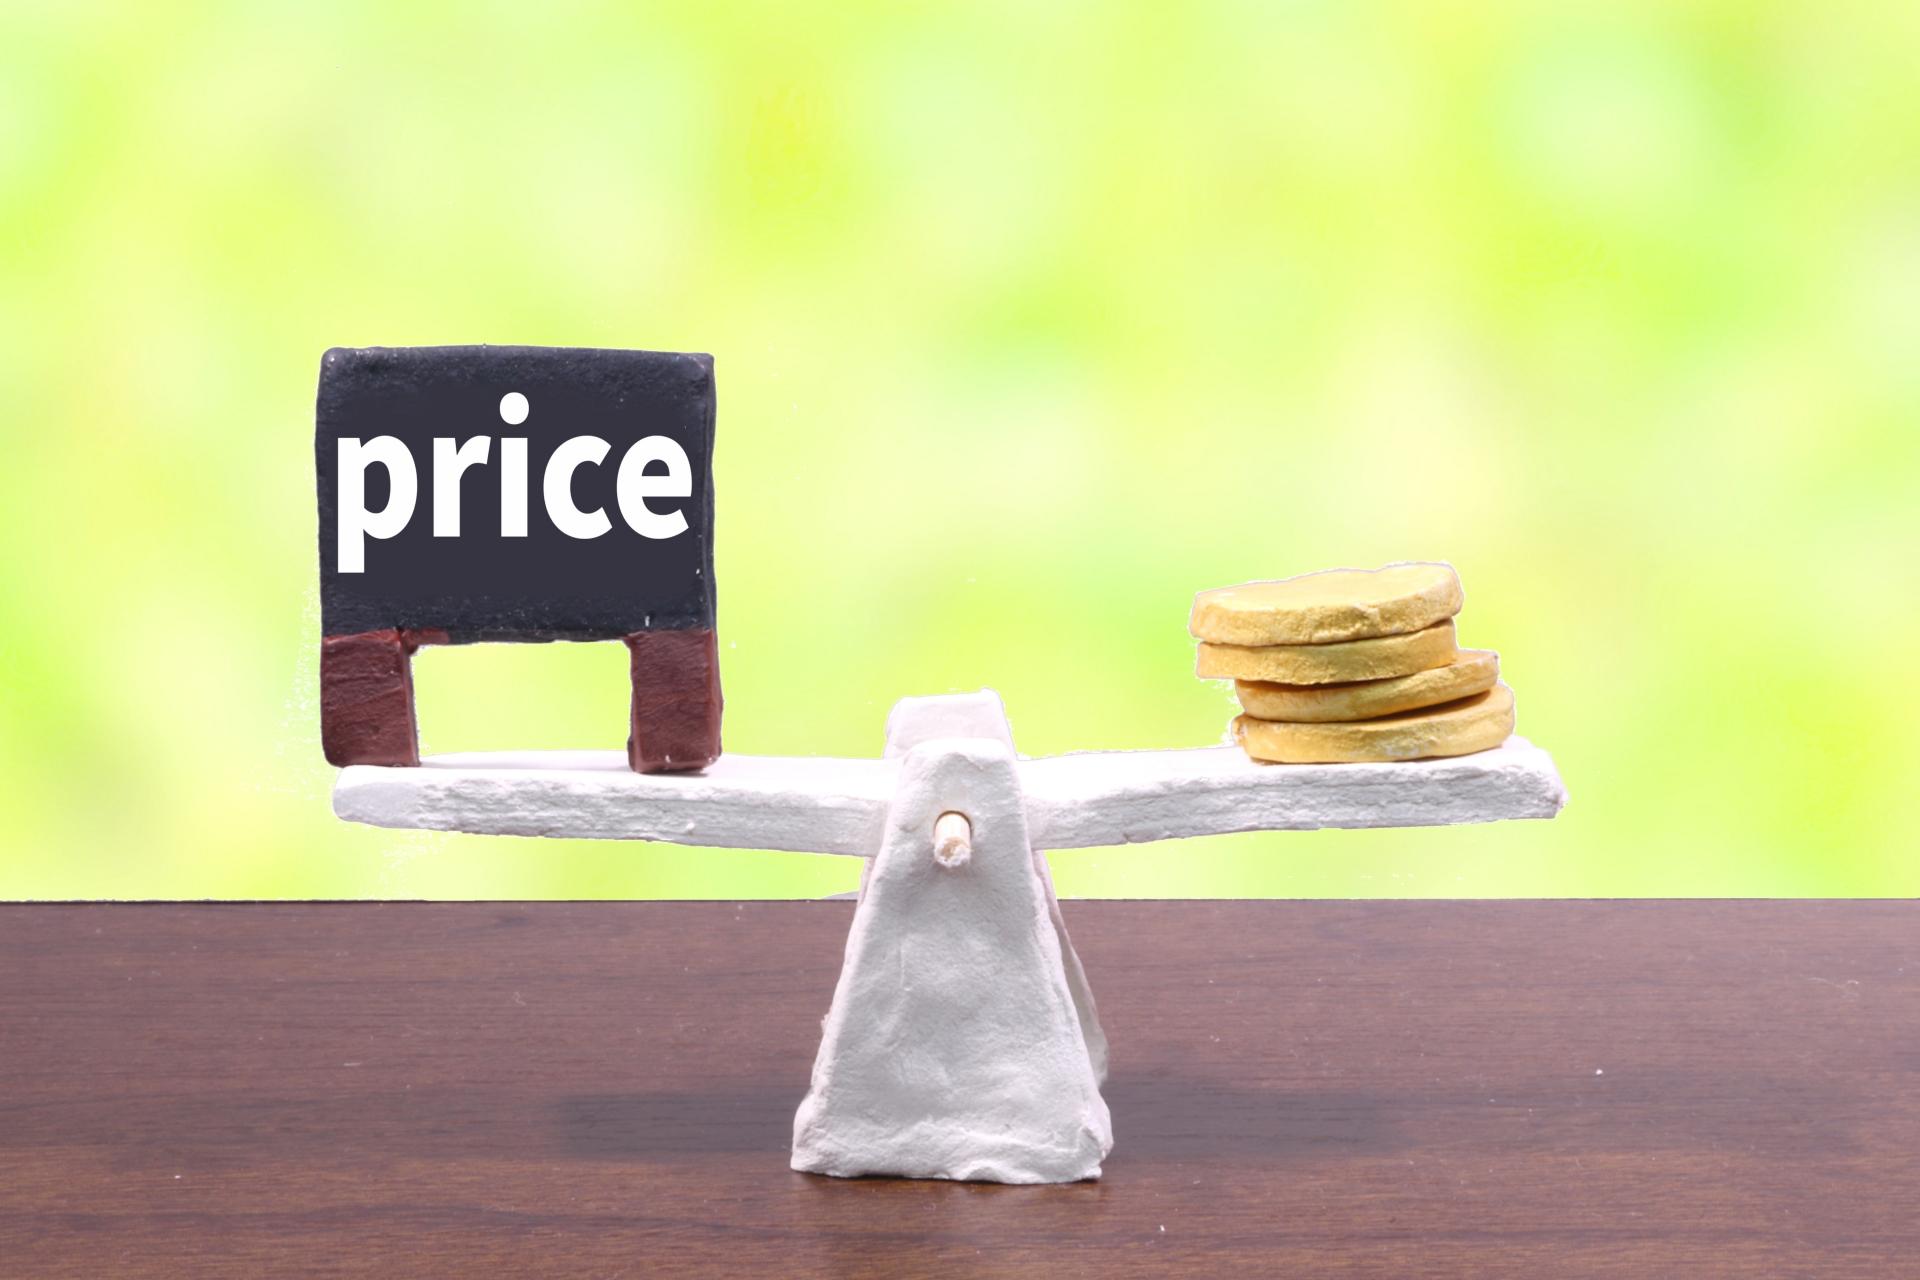 相続税を申告するときの税理士費用の相場ってどのくらい?